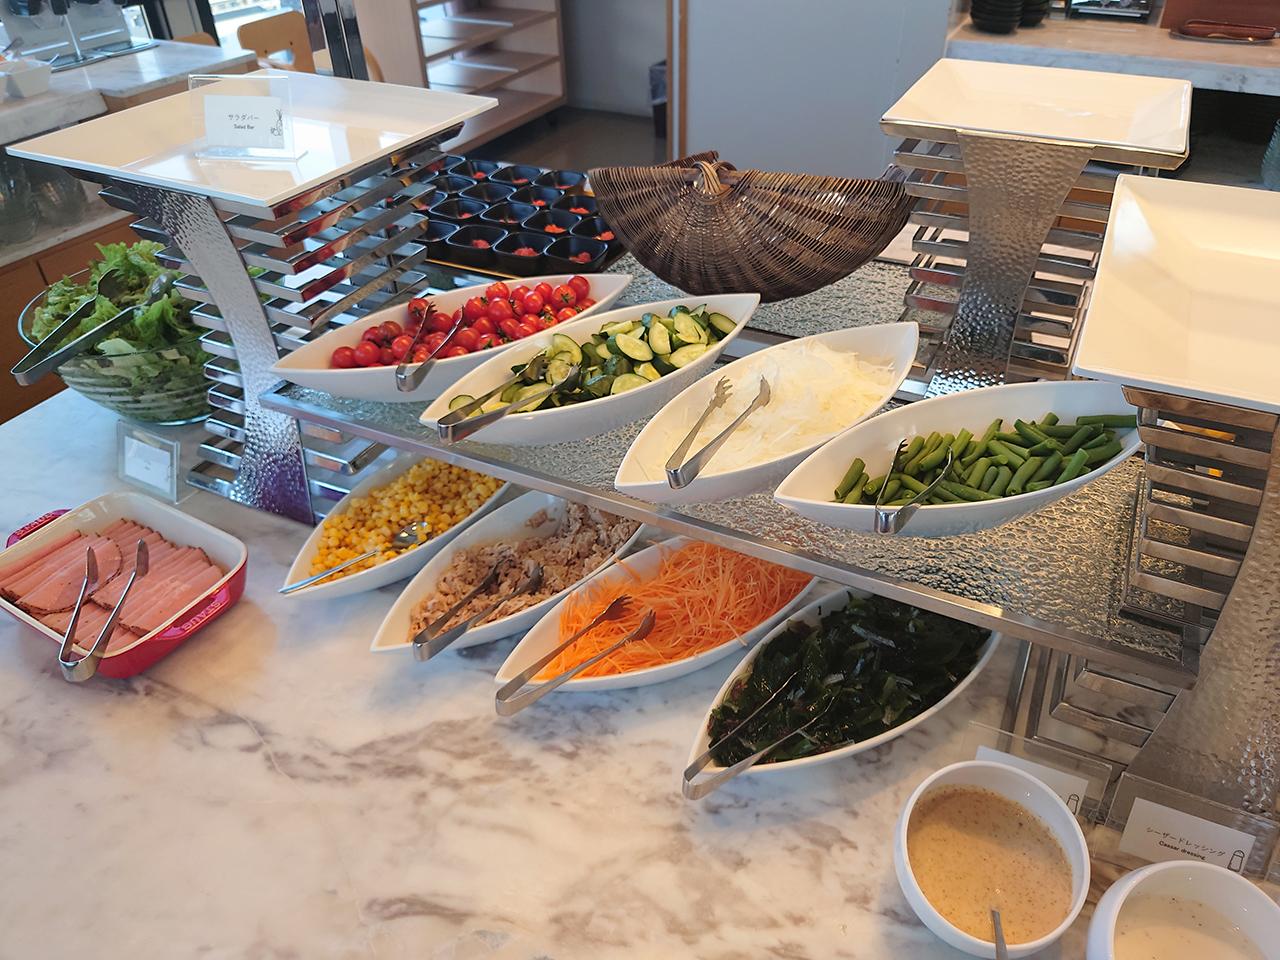 松山城も見える!?大浴場と朝食が魅力のホテル「カンデオホテルズ」でワンランク上の出張をしてきた!